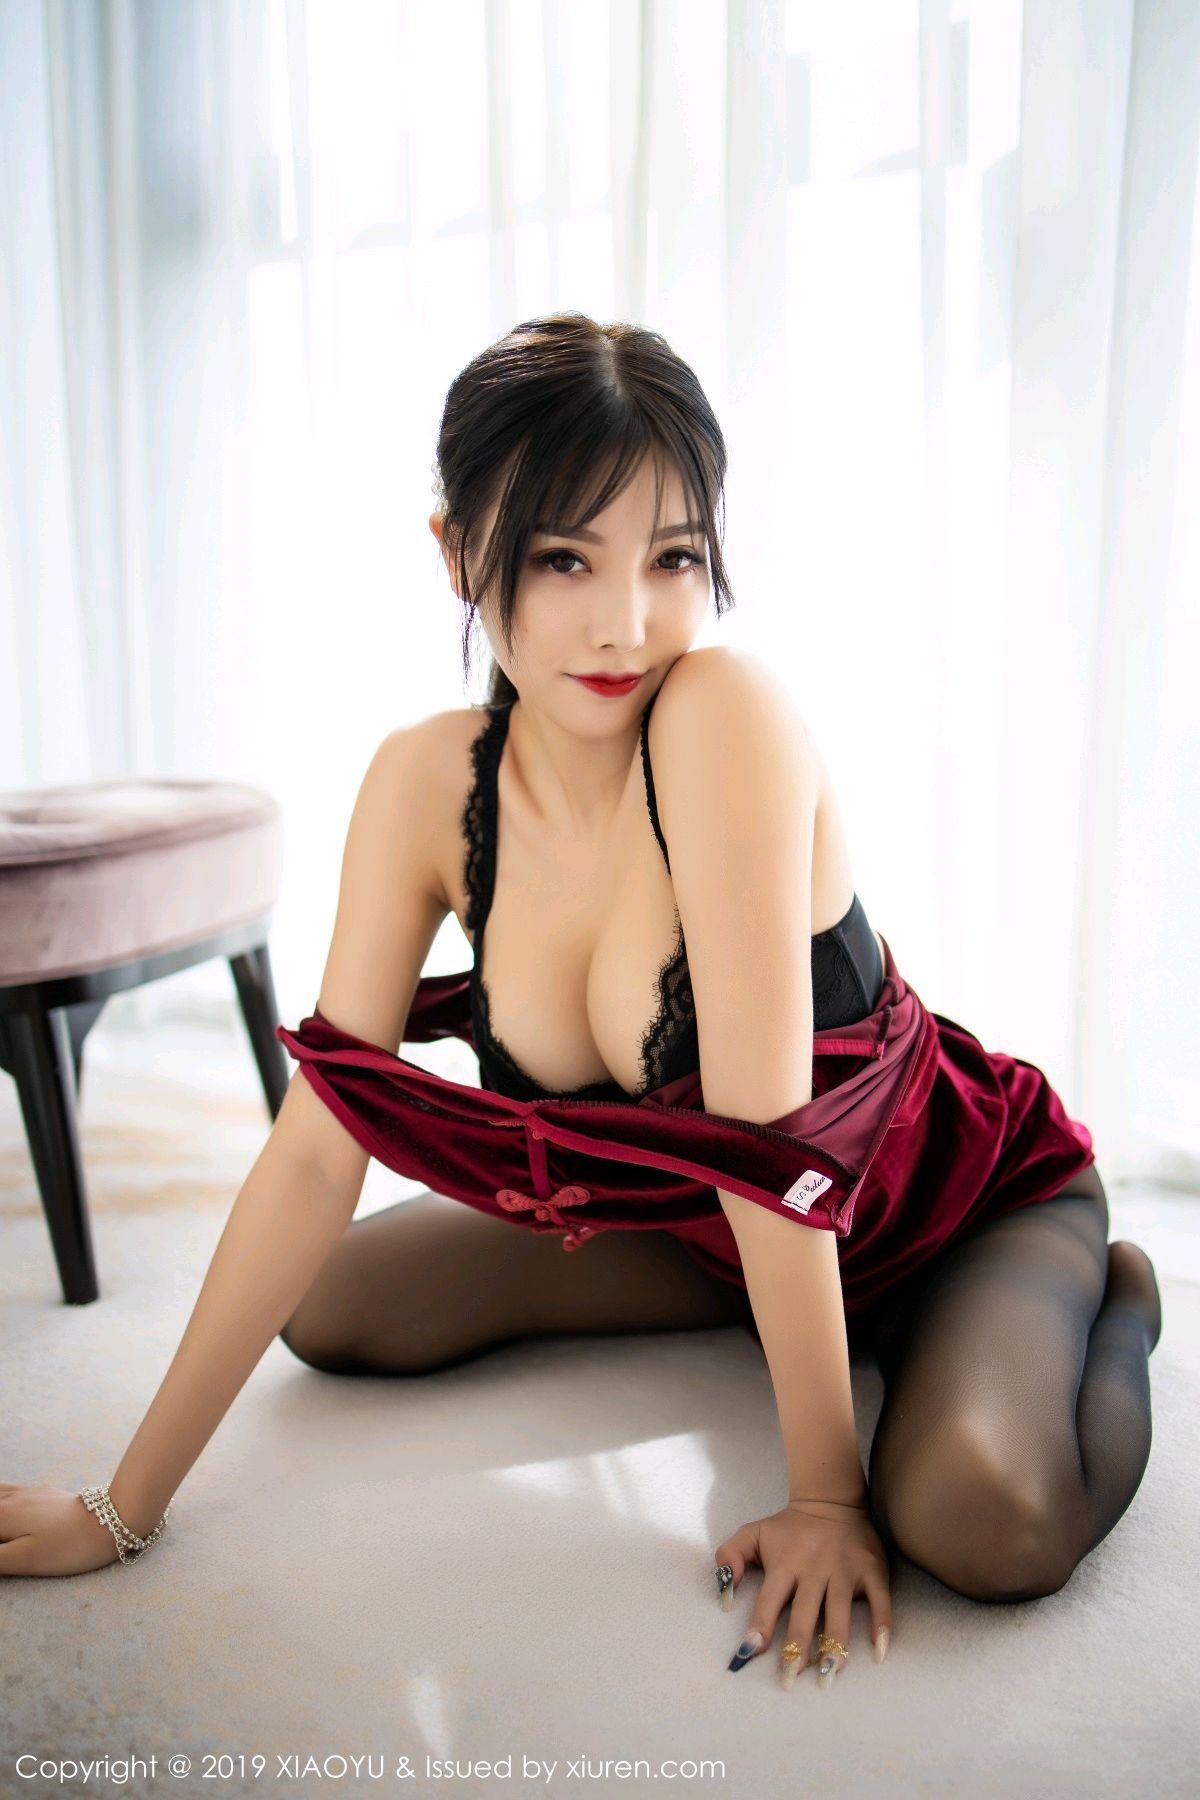 [XiaoYu] Vol.152 Yang Chen Chen 52P, Black Silk, Cheongsam, Tall, XiaoYu, Yang Chen Chen